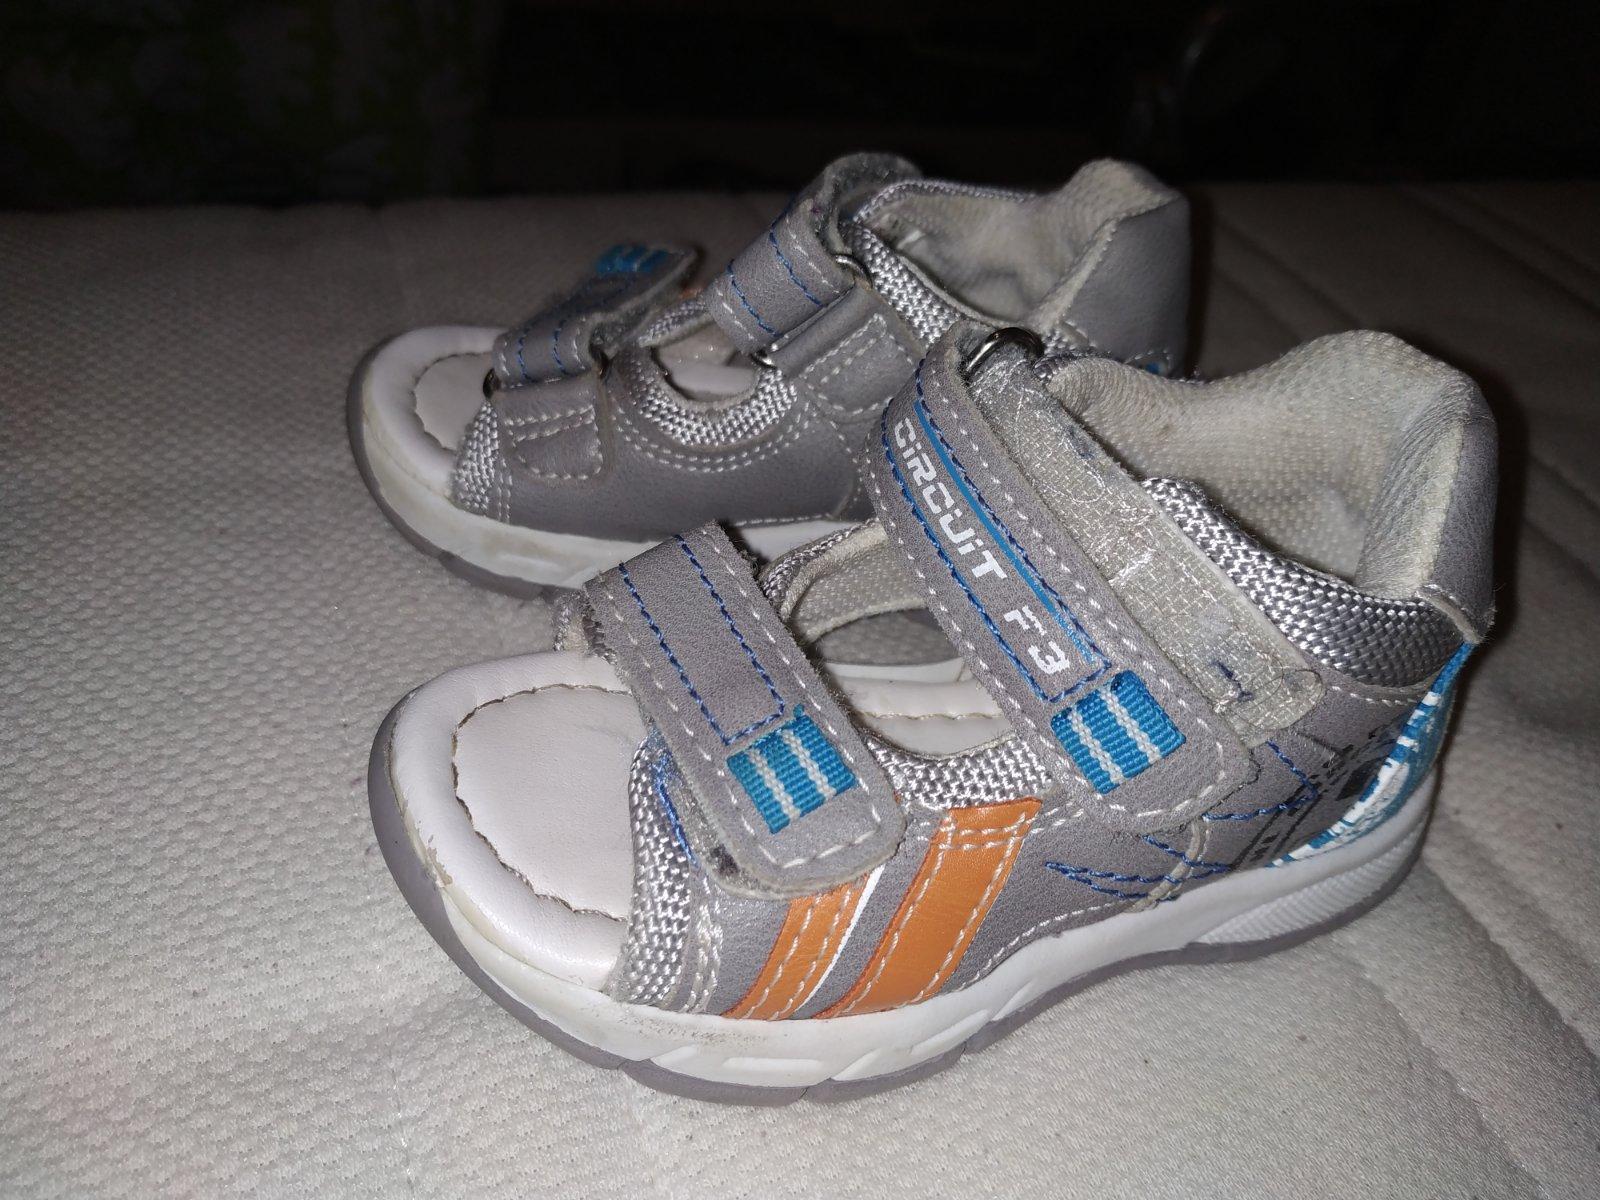 f937ecd5e64 Dětské sandálky vel. 21